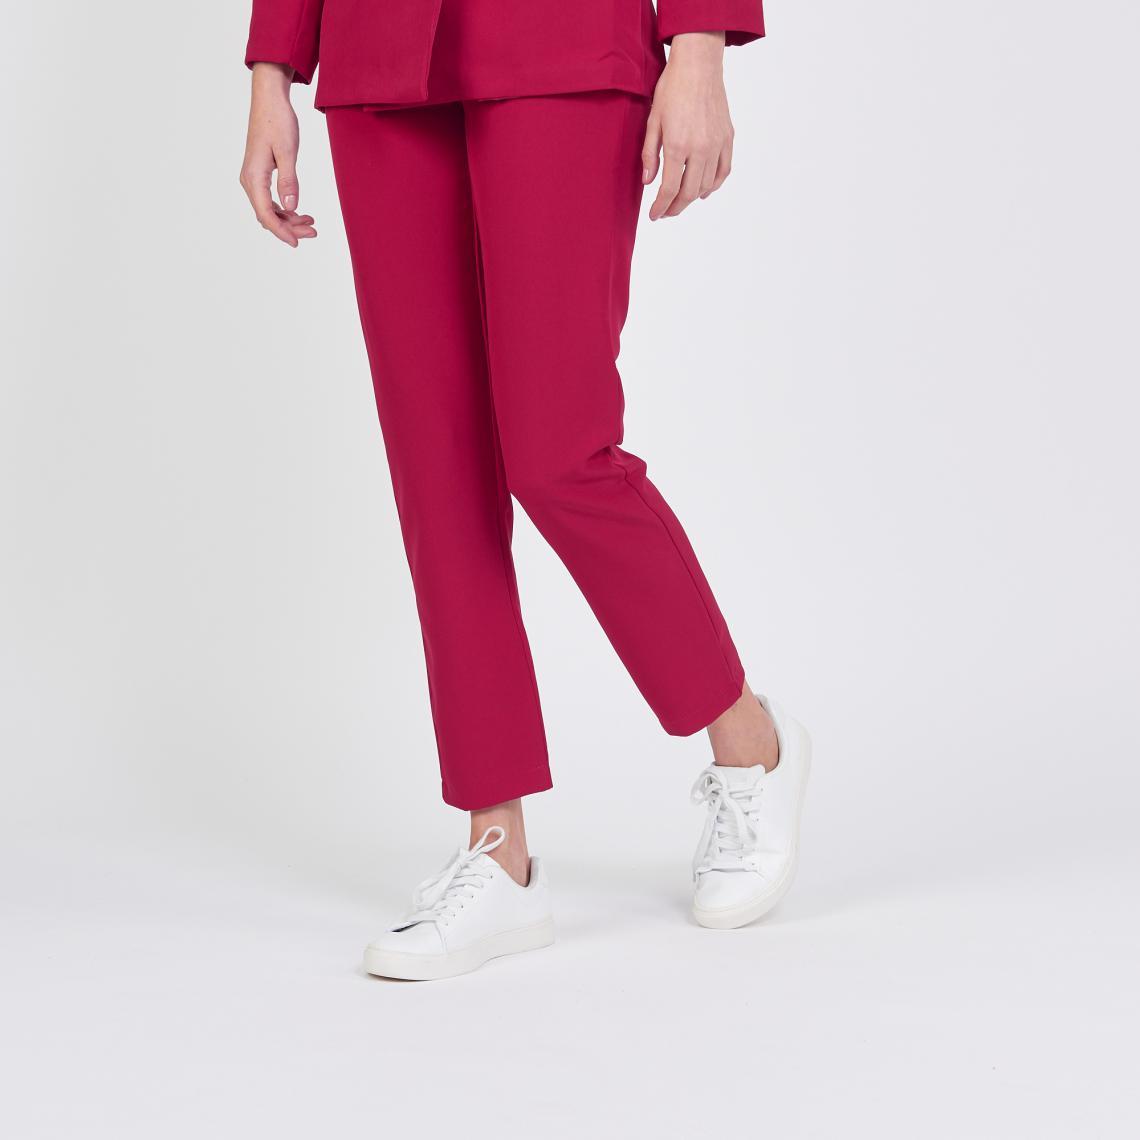 Pantalon tailleur droit rouge Billy | 3 SUISSES